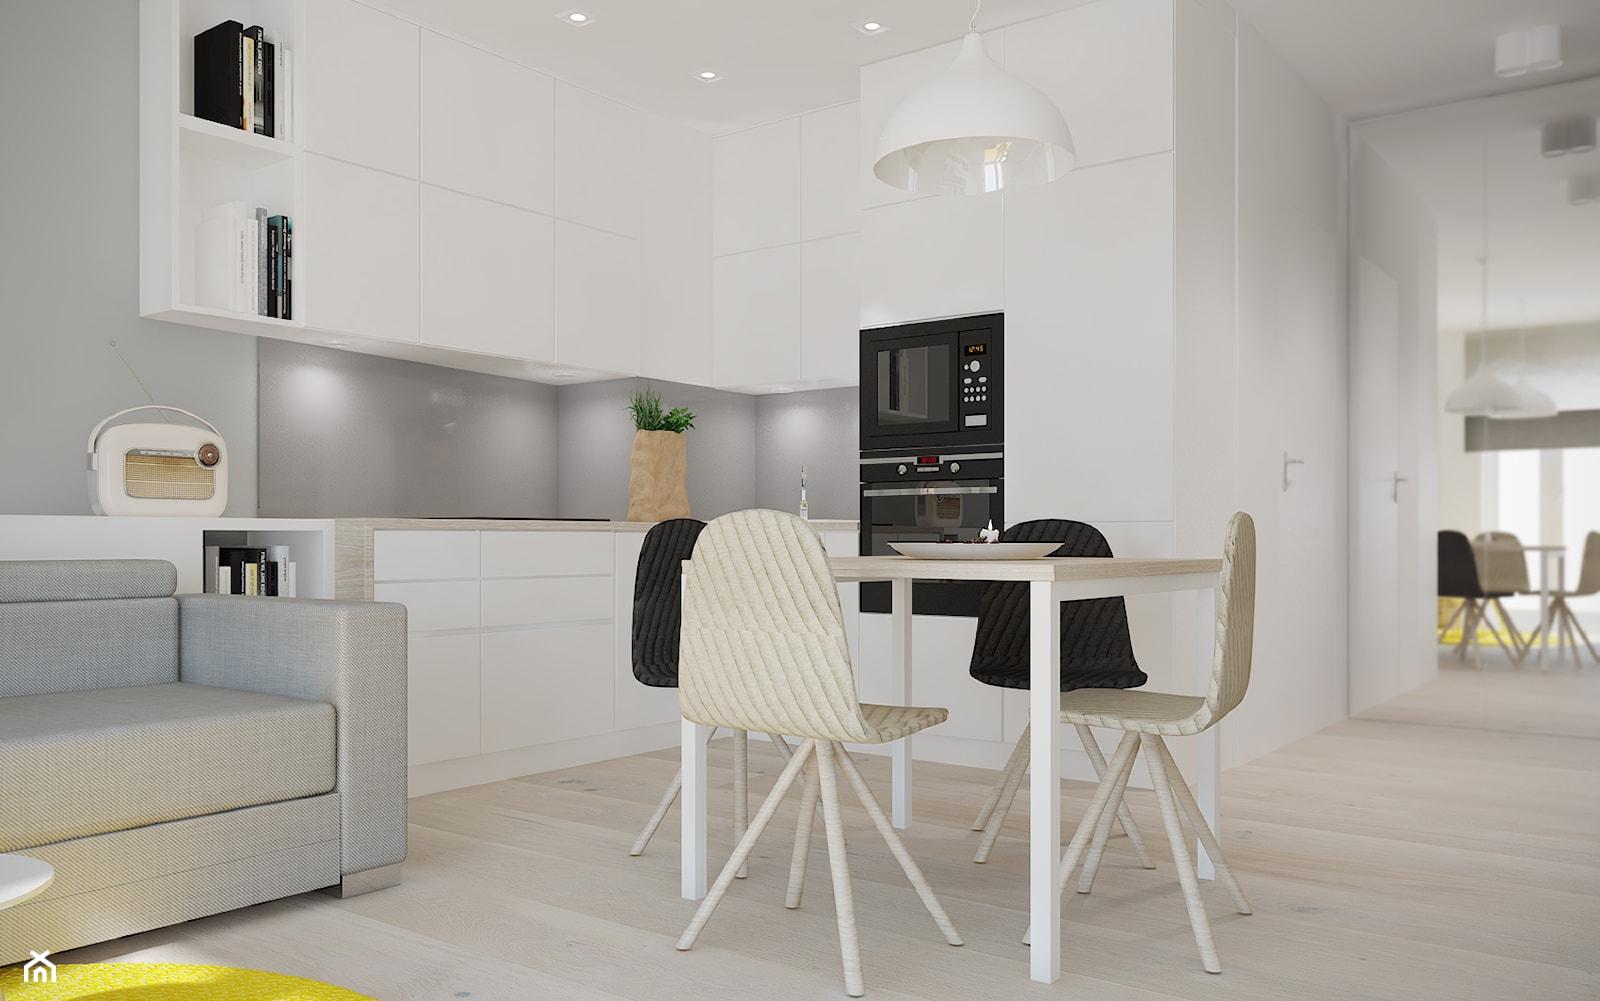 Aneks kuchenny i rozkładany stół jadalniany - zdjęcie od Mohav Design - Homebook